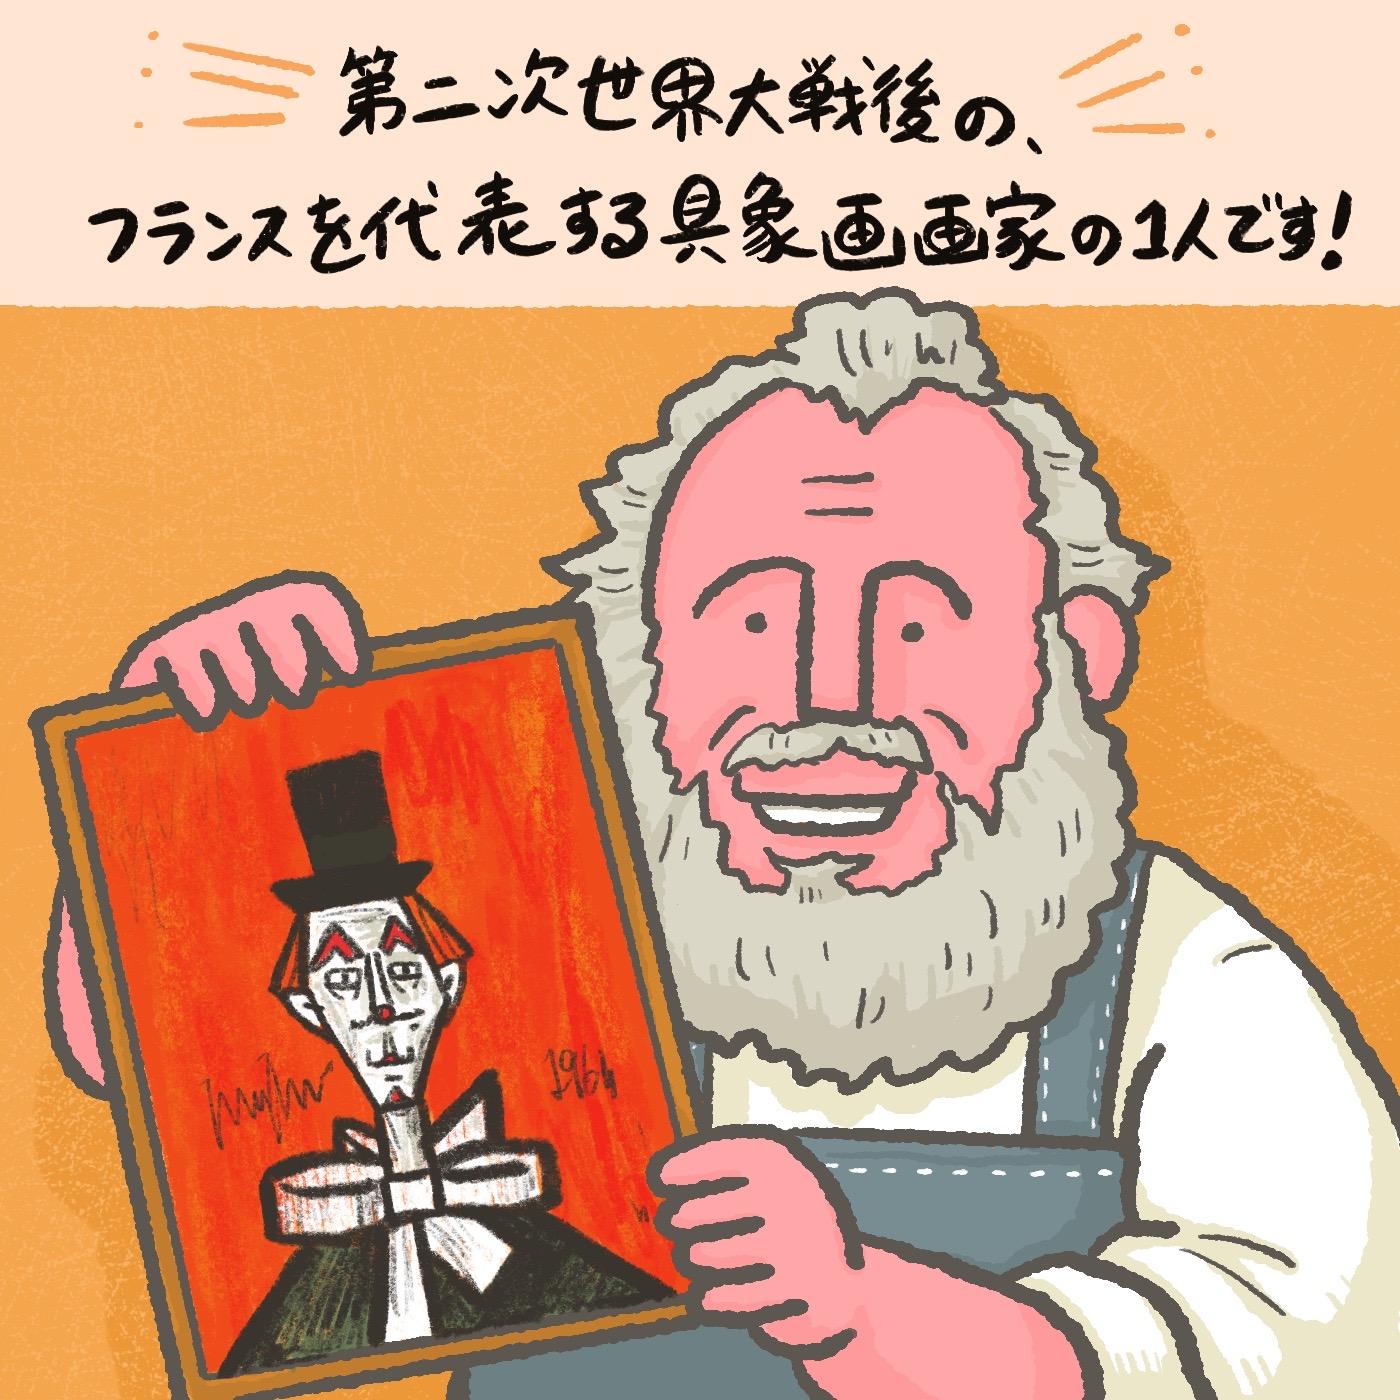 ベルナール・ビュフェ 静岡県 ベルナール・ビュフェ美術館 版画家 OBIKAKE ナニソレ